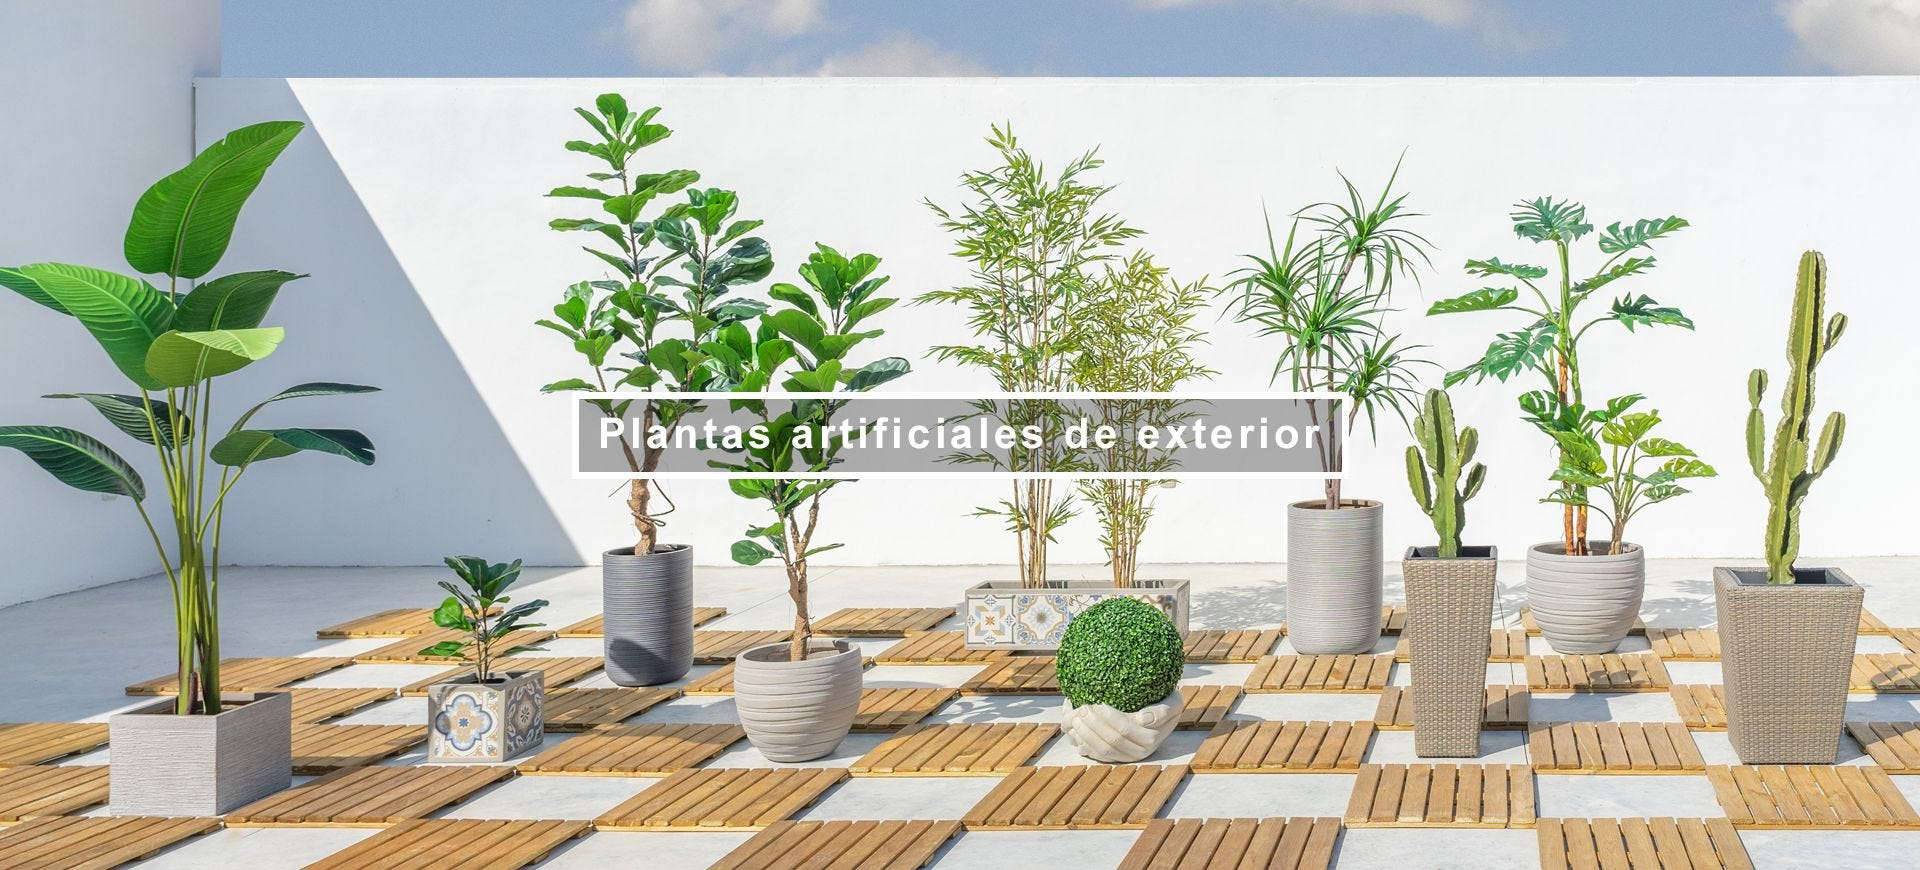 Plantas artificiales de exterior | LDK Garden